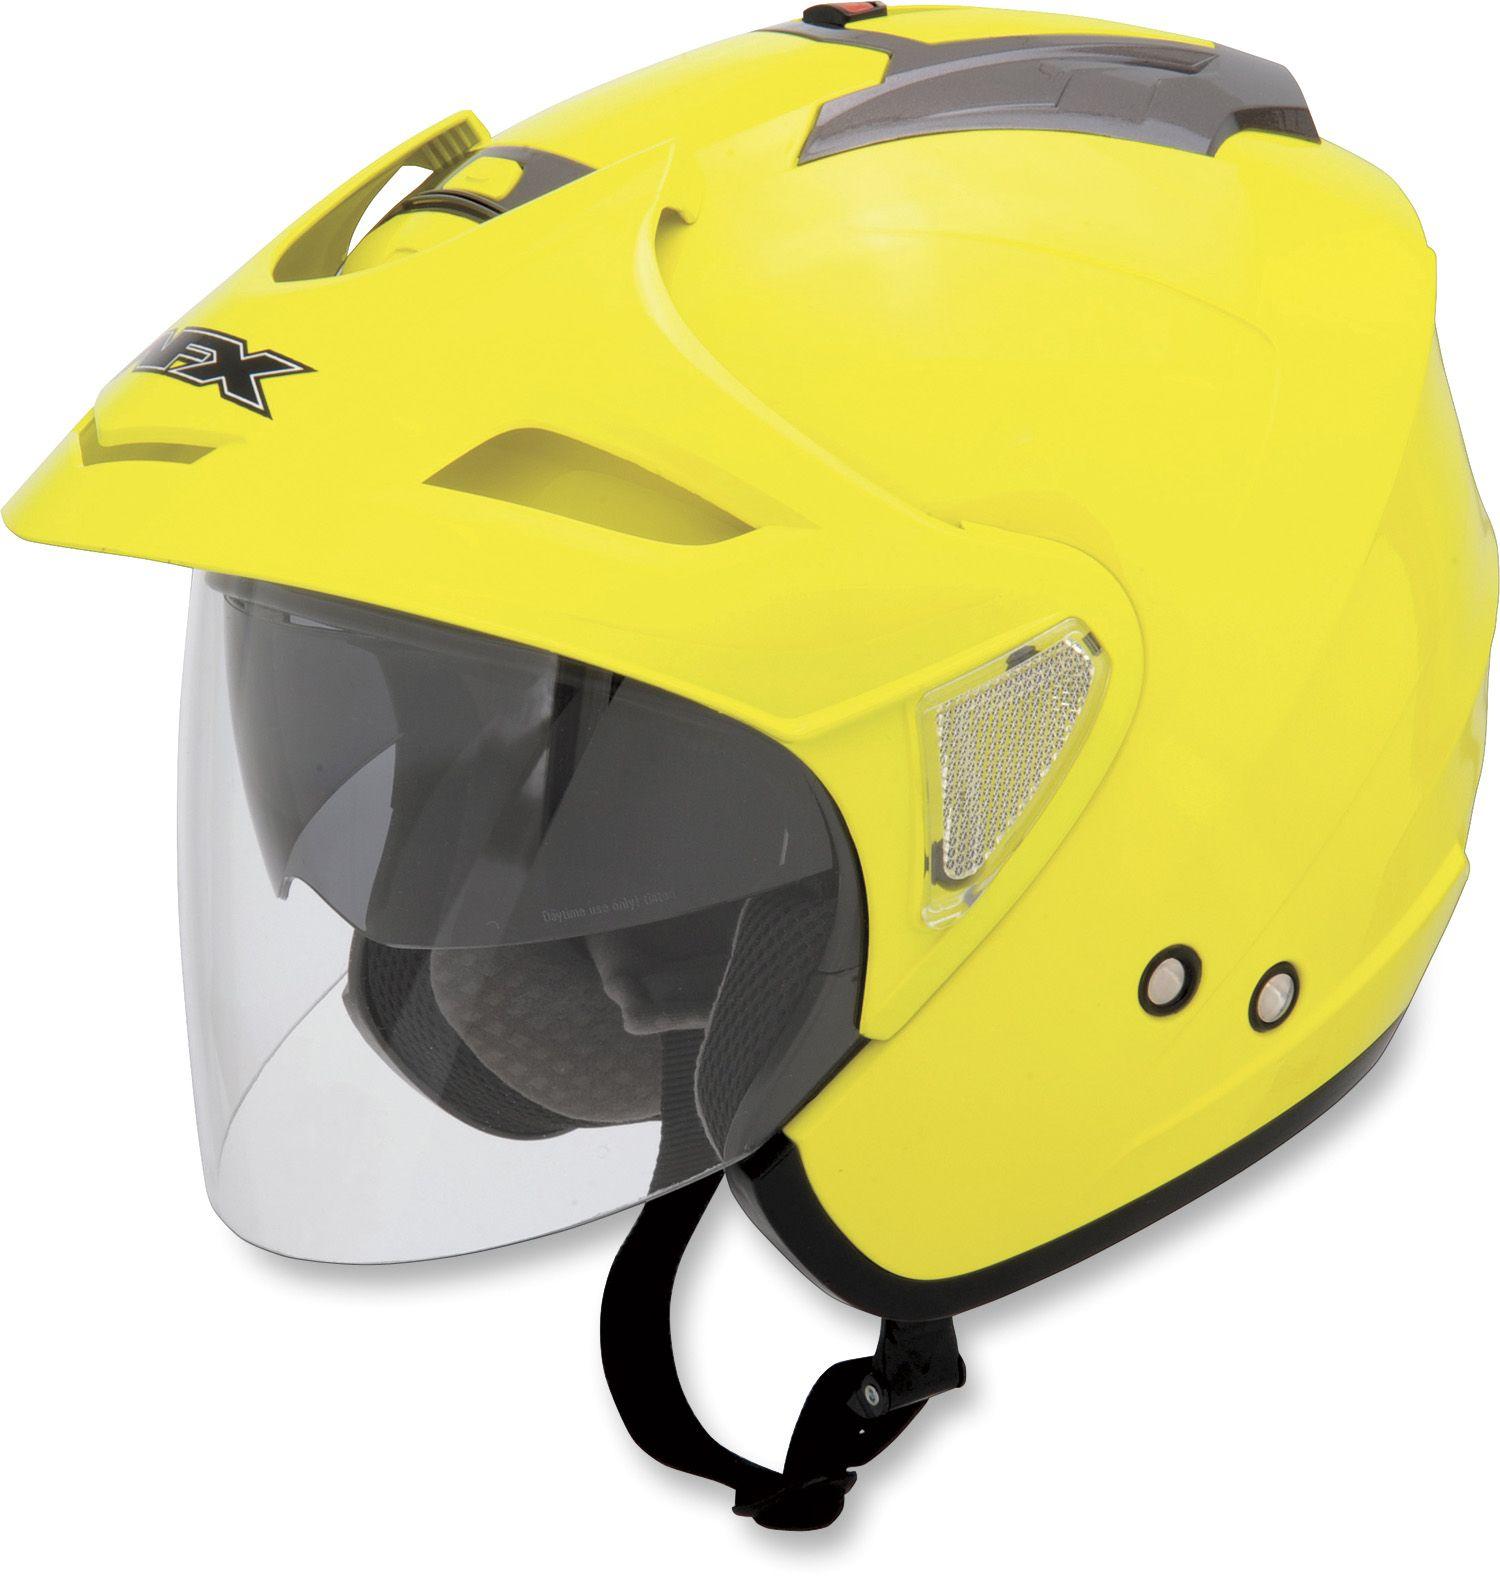 FX-50 Hi-Vis Yellow Helmet from AFX